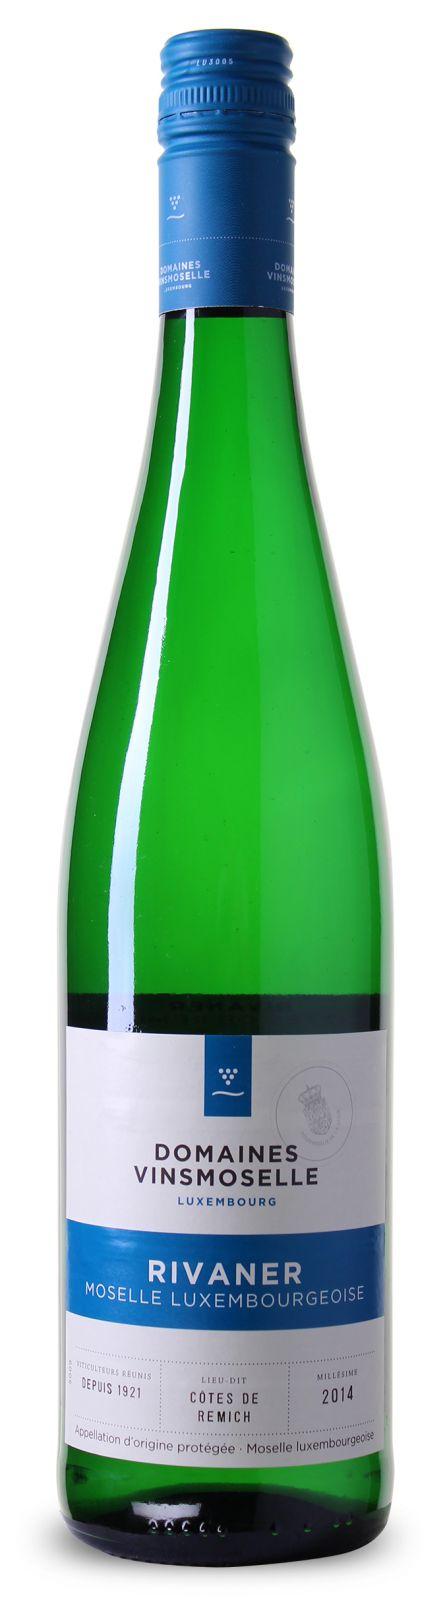 domaine-vinsmoselle-rivaner-aop_bottle-500x500.jpg